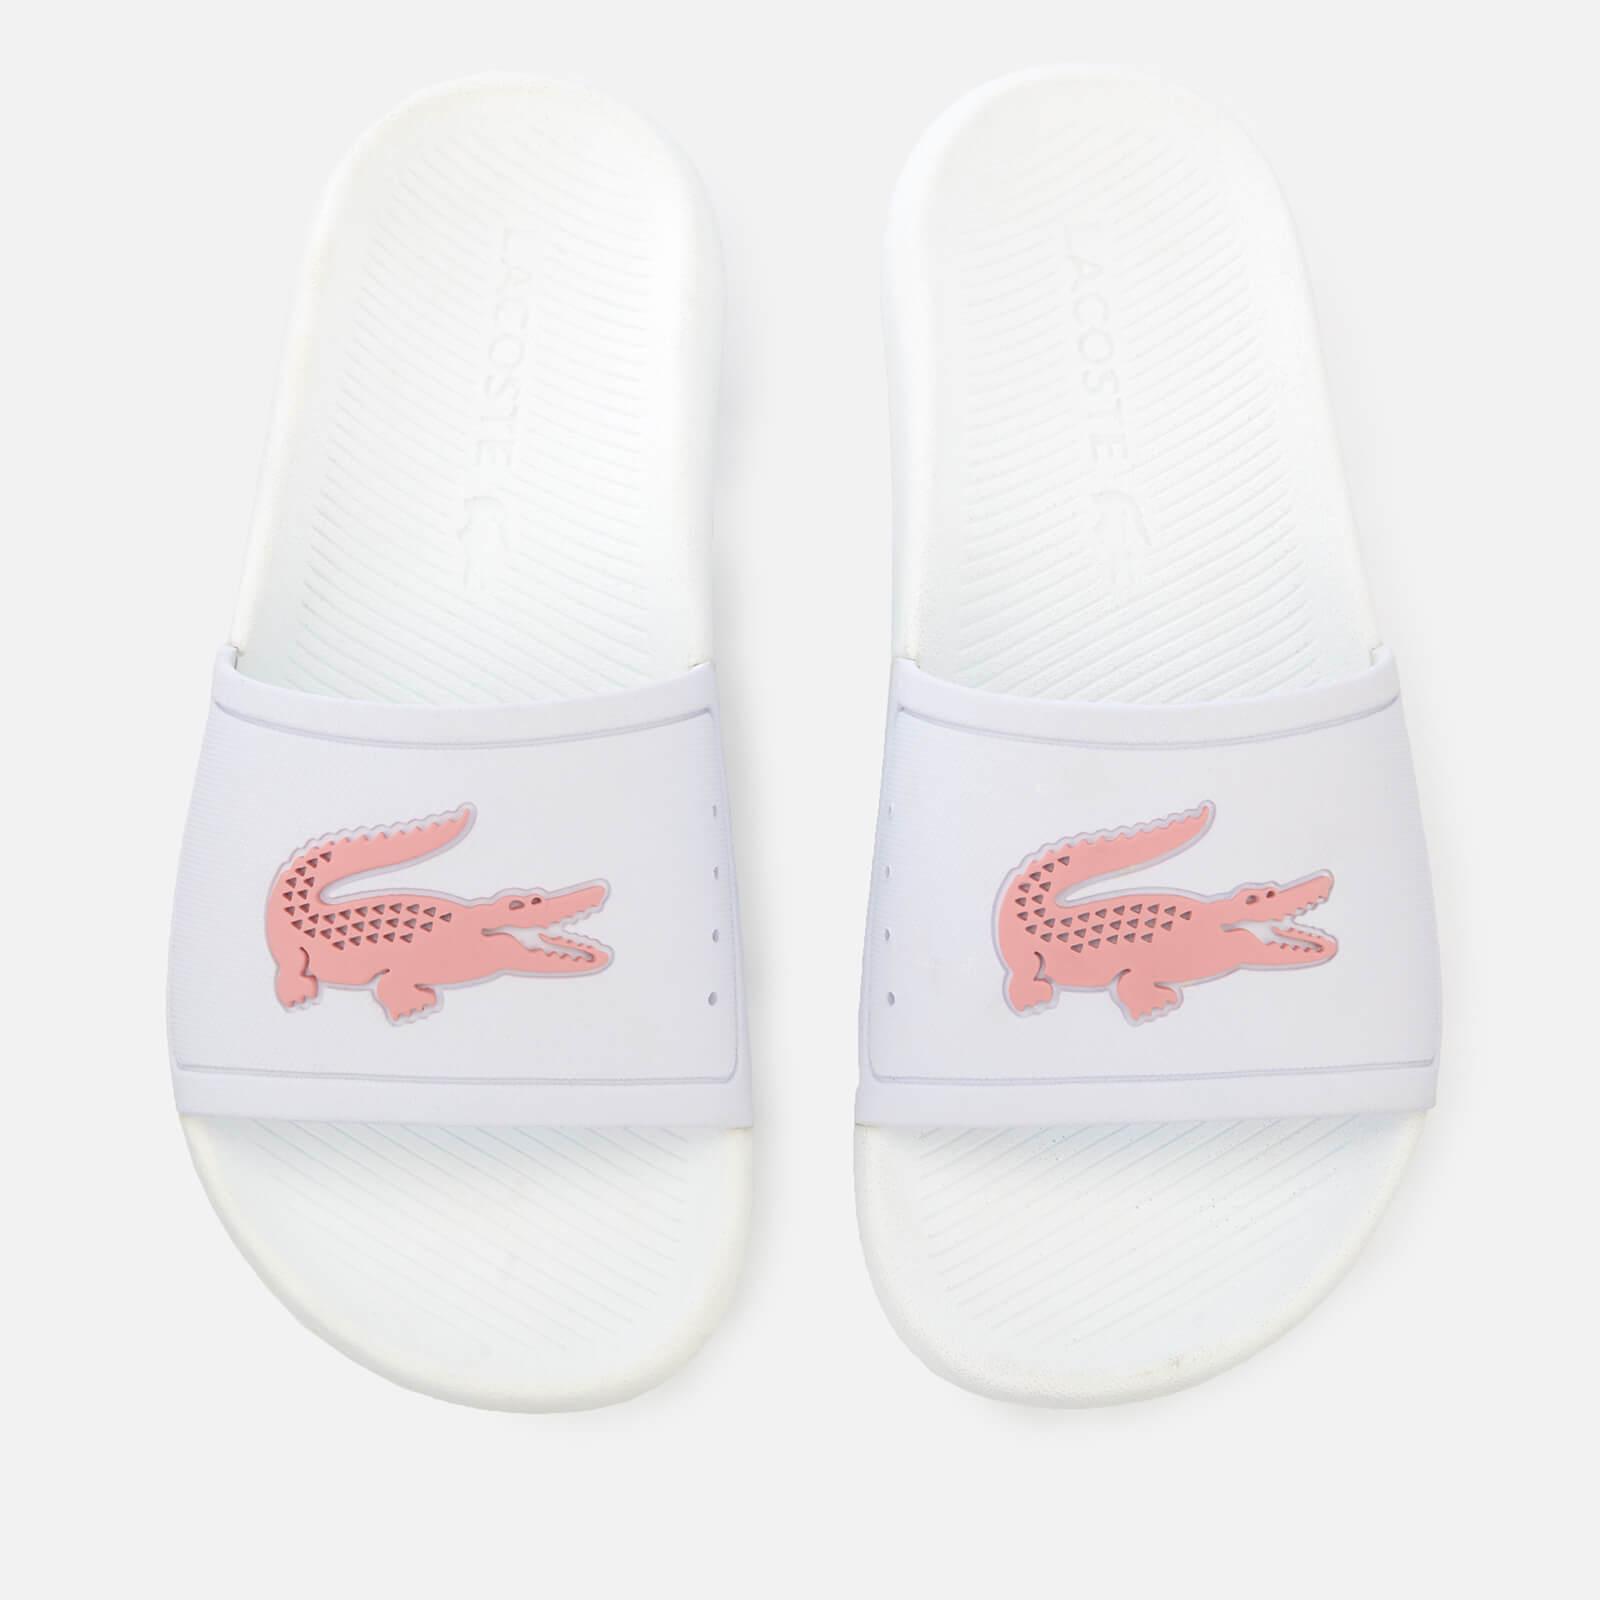 05633ee8c Lacoste Women s Croco Slide 119 3 Sandals - White Light Pink Womens  Footwear